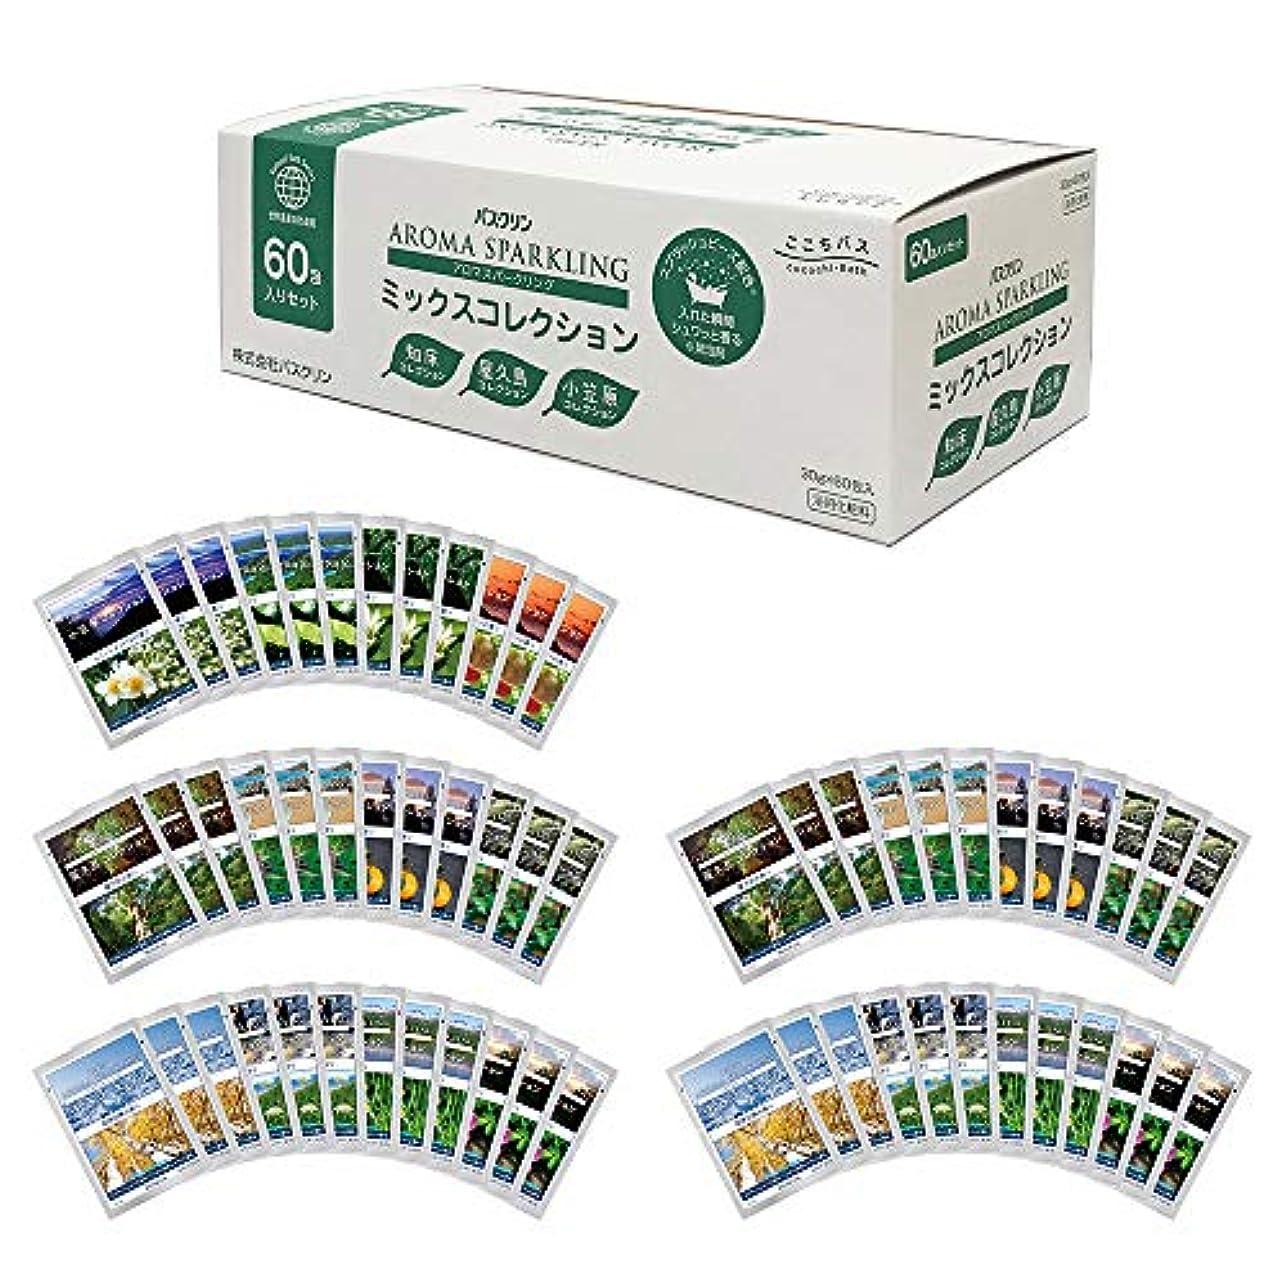 卵音楽を聴くリフレッシュ[Amazon限定ブランド] ここちバス バスクリン 入浴剤  アロマスパークリング ミックスコレクション 60包入り 個包装 詰め合わせ